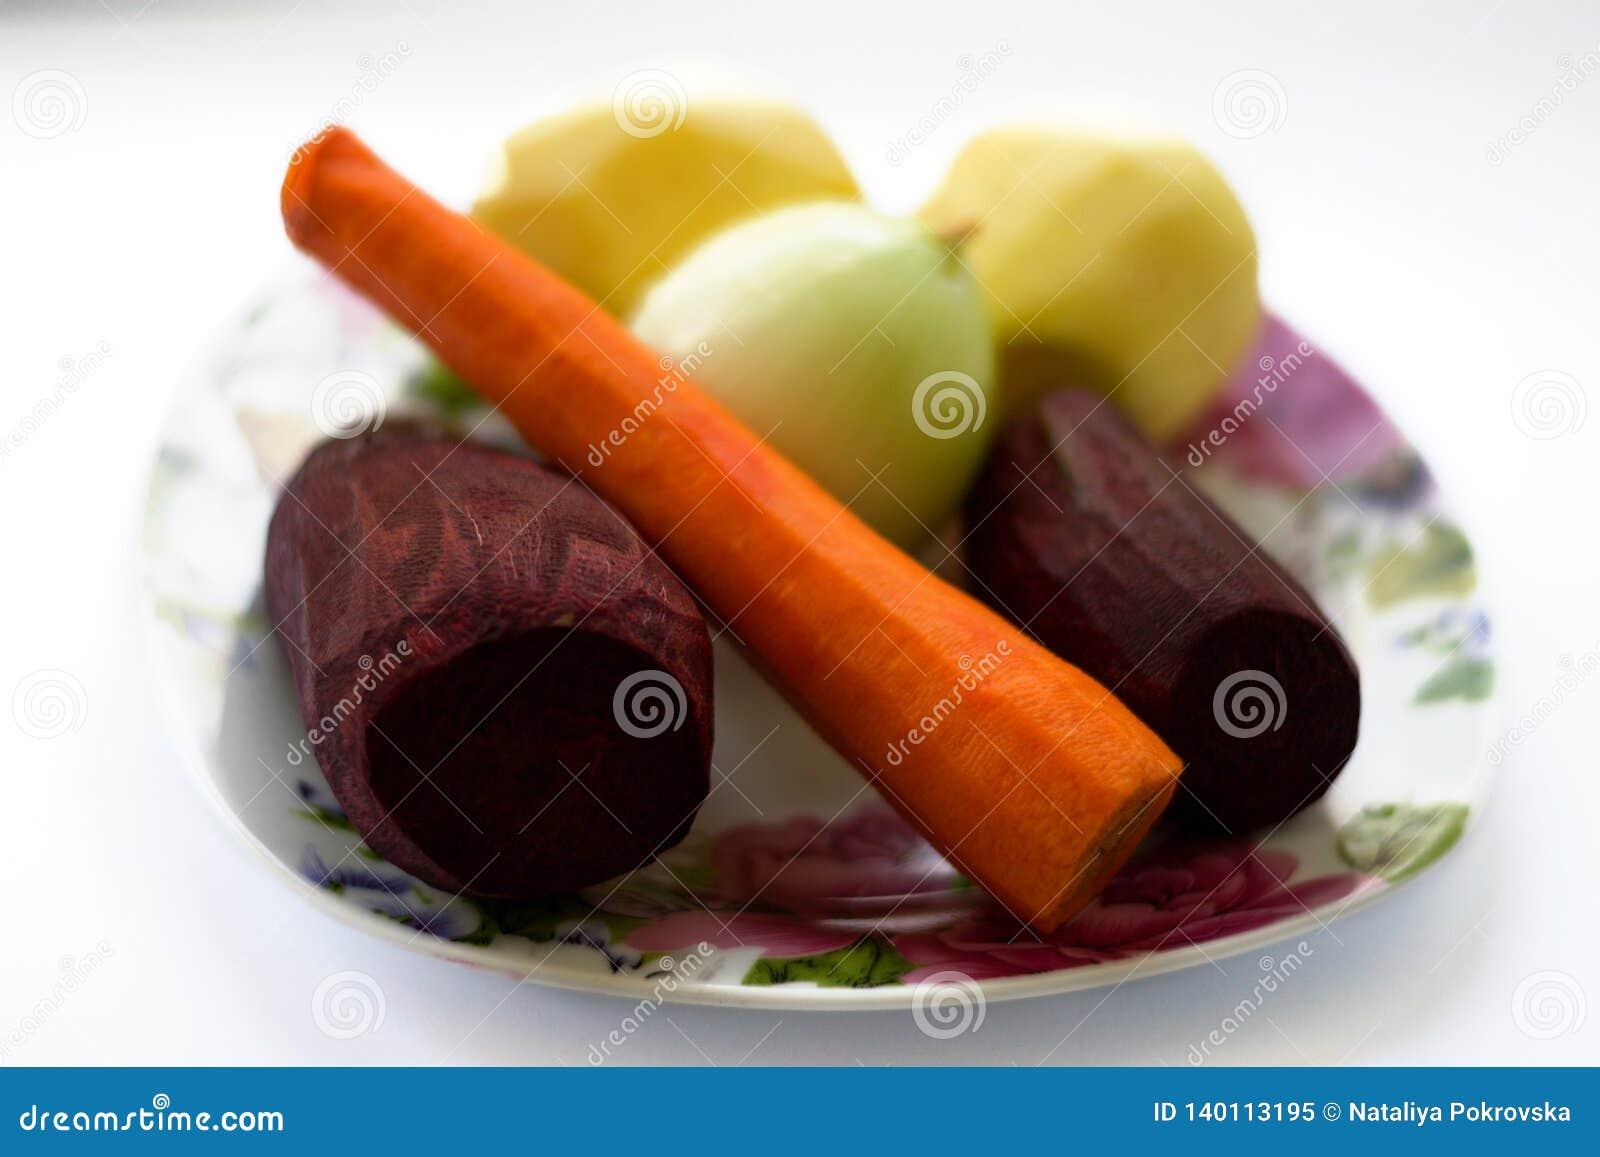 Φρέσκα λαχανικά - τεύτλο, καρότο, πατάτα, κρεμμύδι στο πιάτο που απομονώνεται στο άσπρο υπόβαθρο Συστατικά που προετοιμάζονται γι